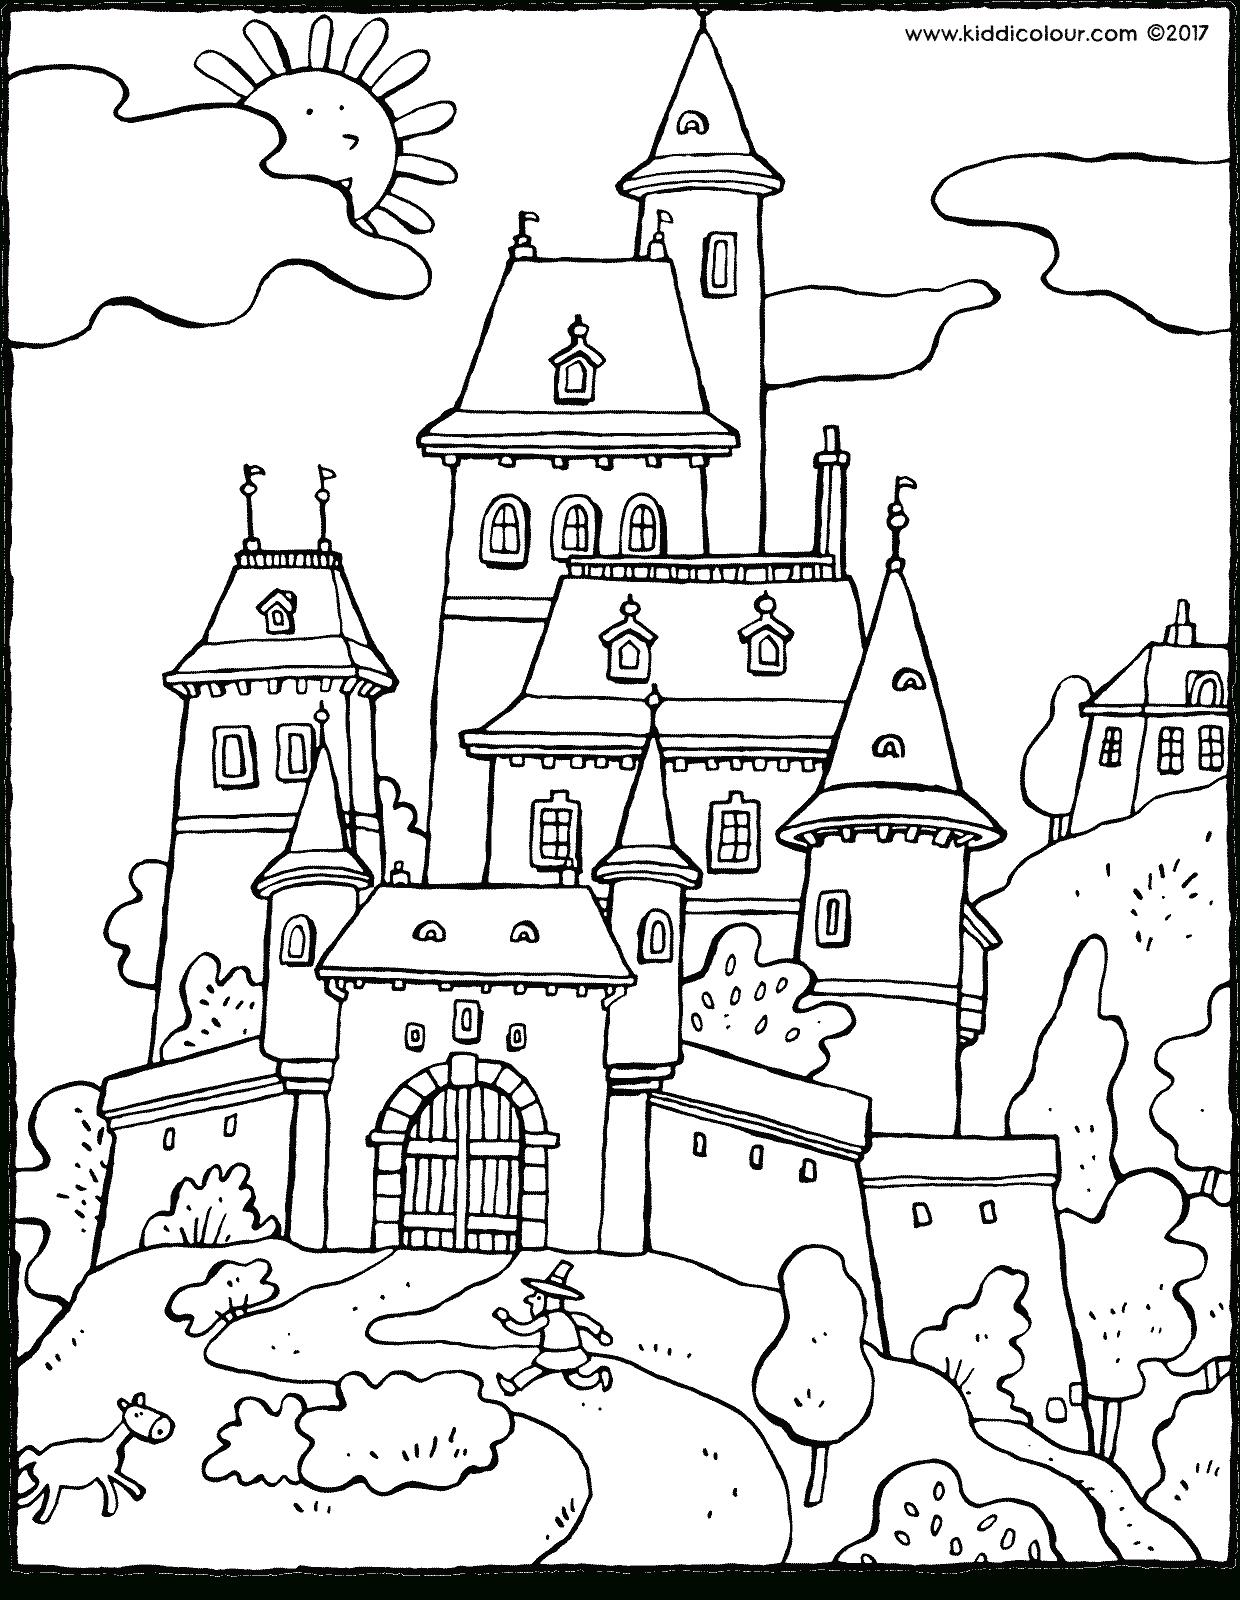 Chevaliers Kleurprenten - Kiddicoloriage concernant Coloriage D Épée